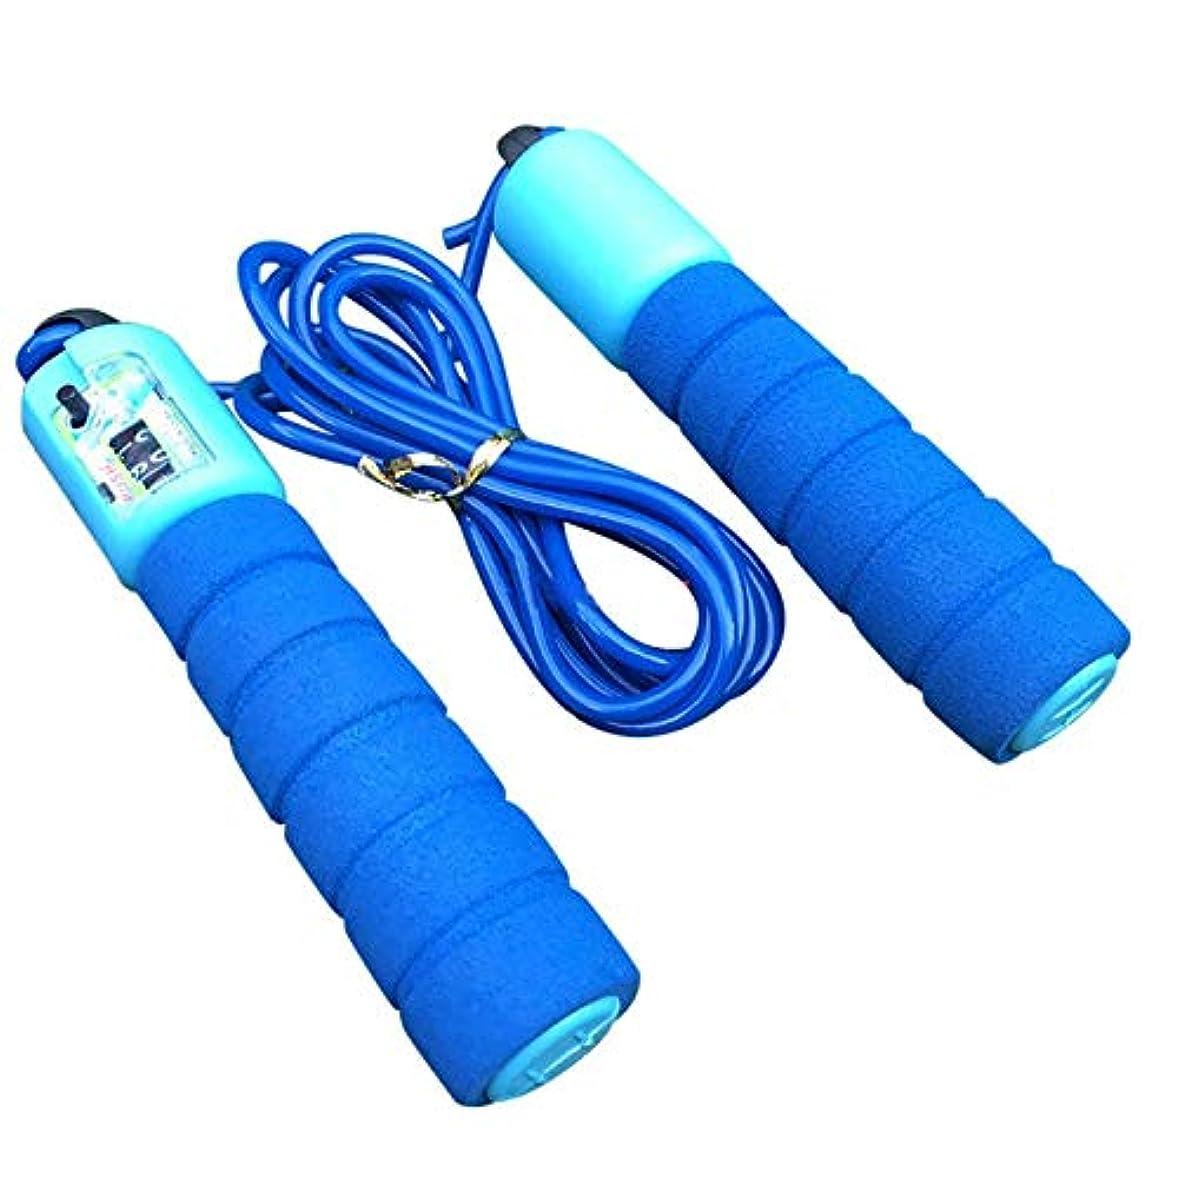 娘タック失望させる調整可能なプロフェッショナルカウント縄跳び自動カウントジャンプロープフィットネス運動高速カウントジャンプロープ - 青